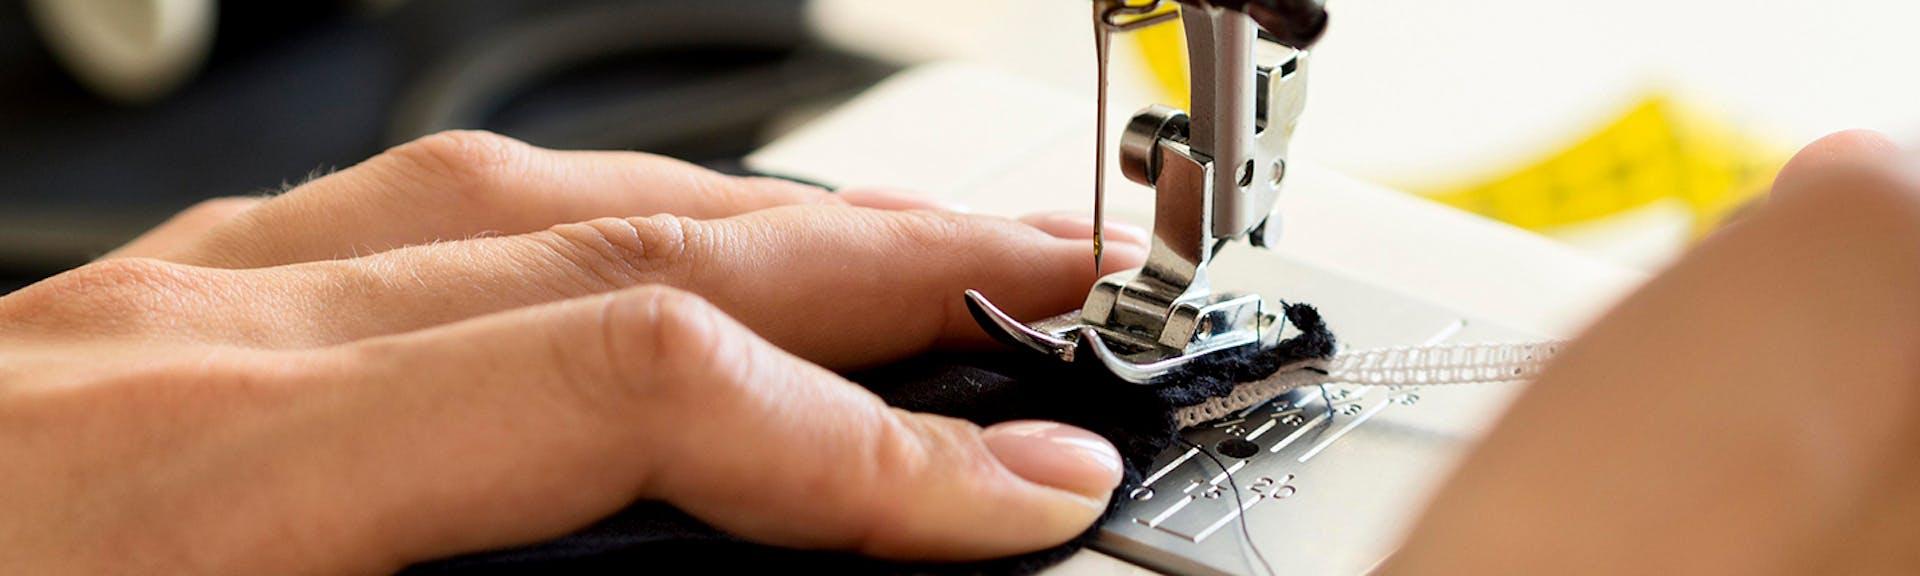 ¿Qué es innovación en corte y confección? Lo último de la industria textil